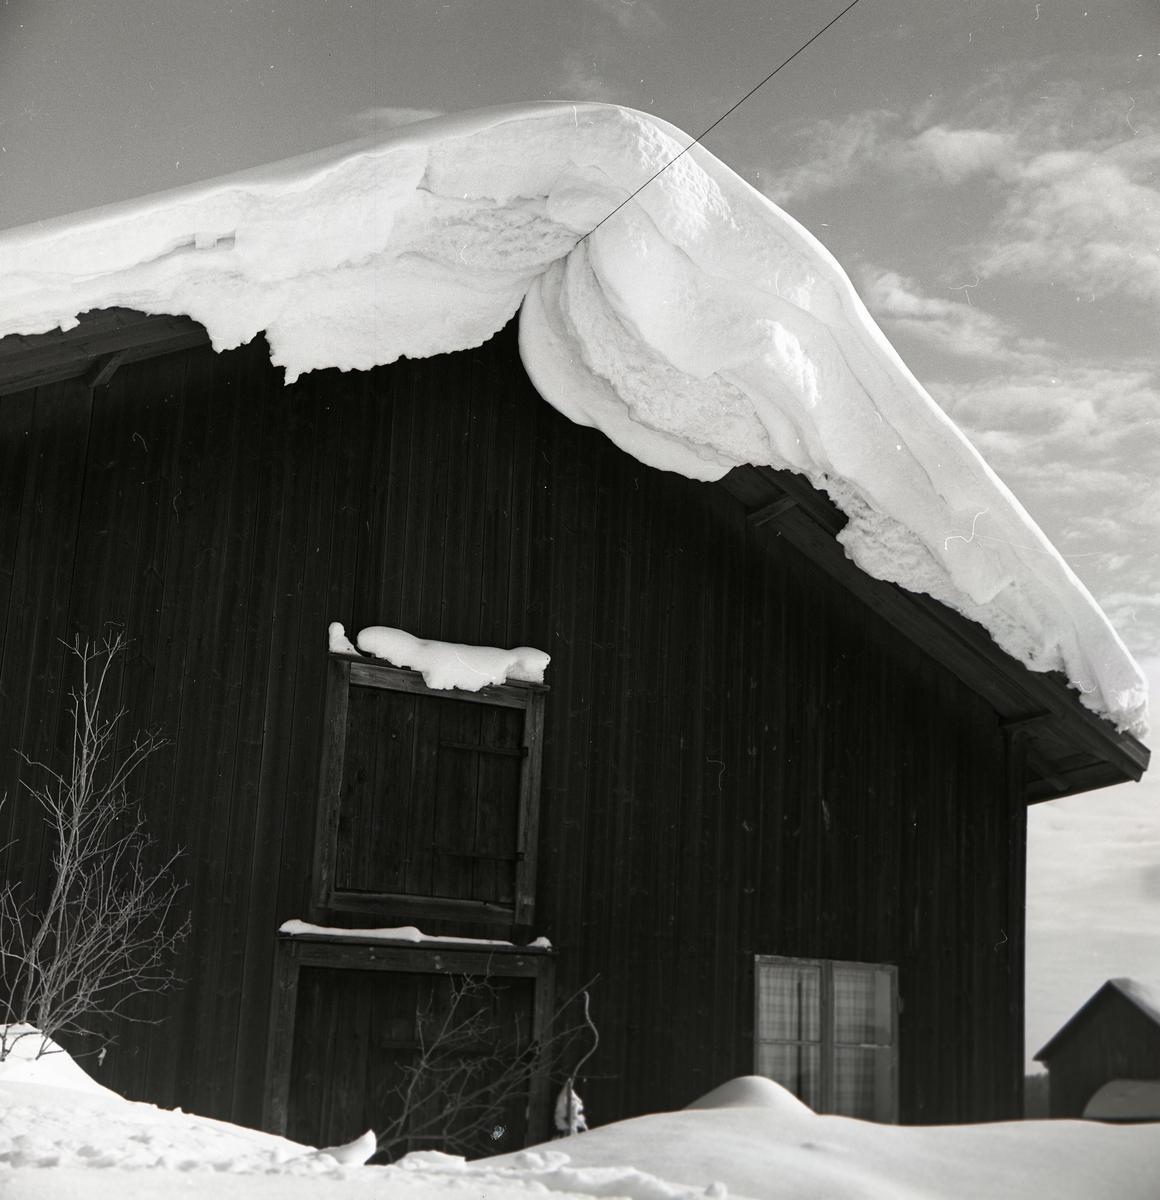 Snöhäng på taket till ett vagnslider, januari 1967.